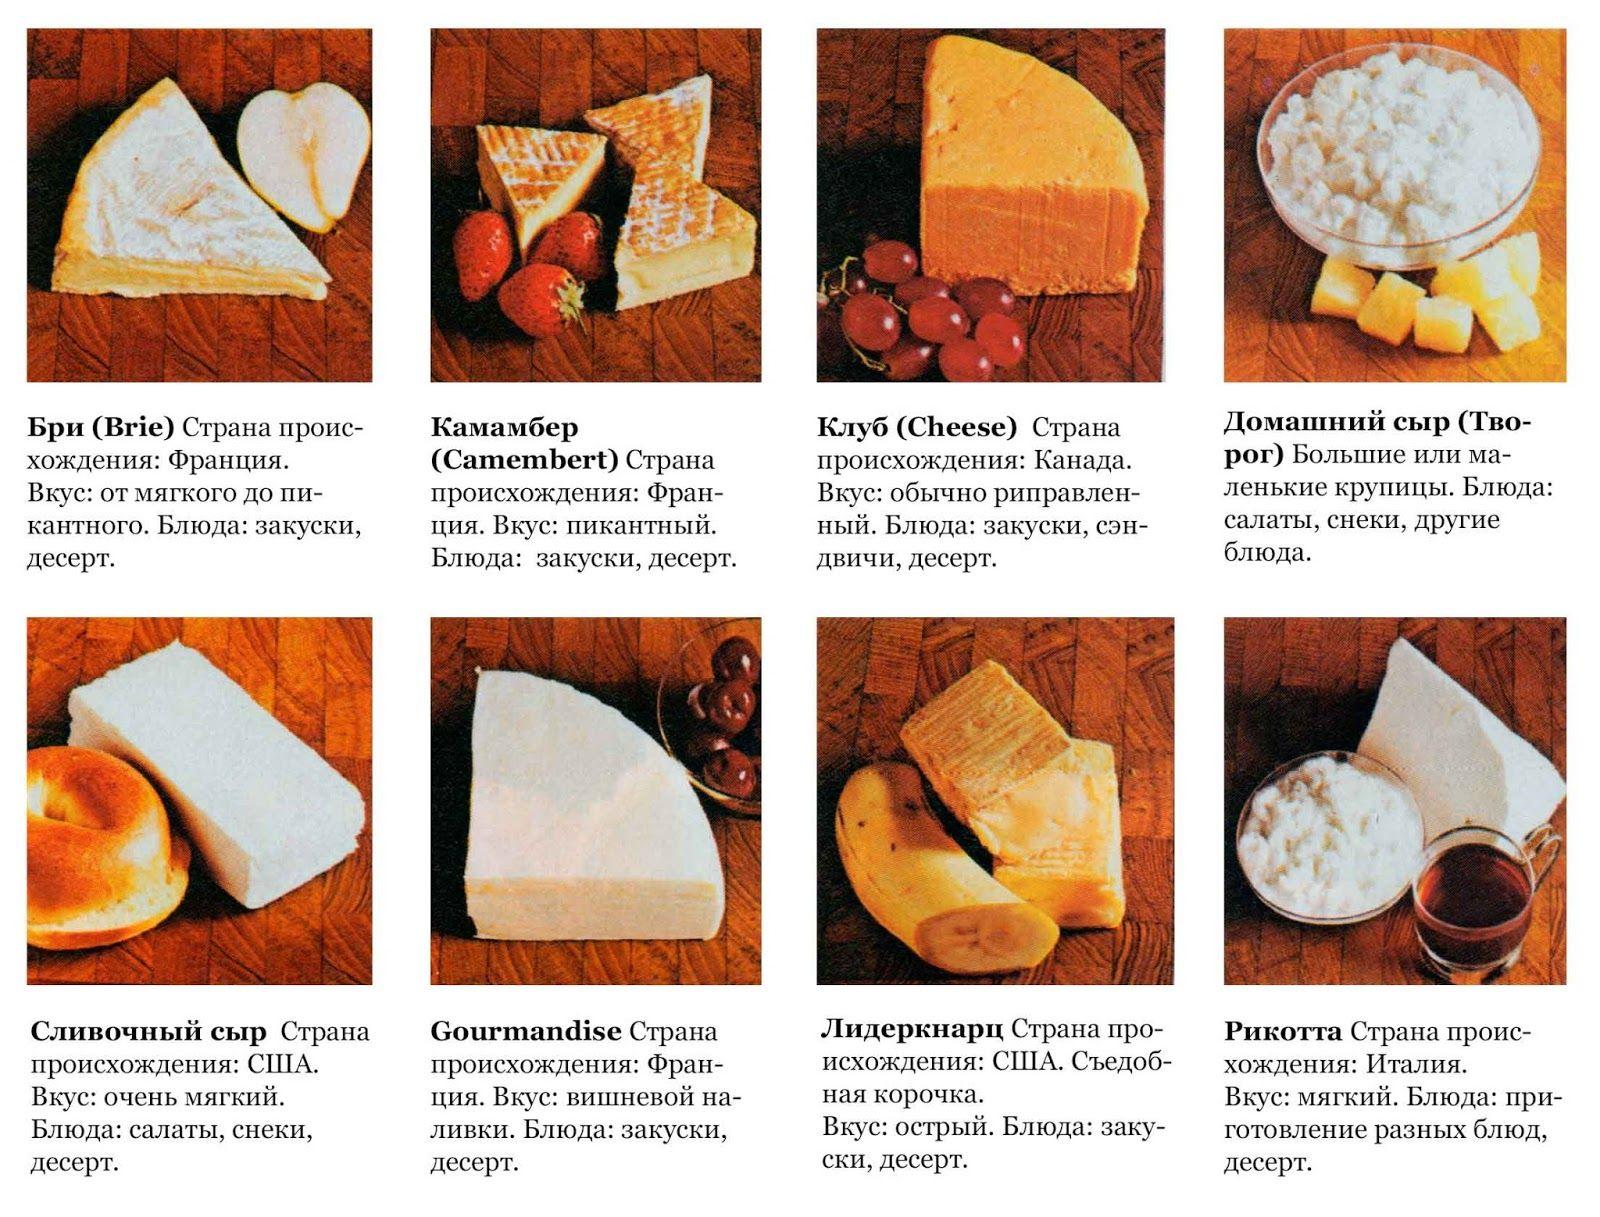 сми выяснили, все виды сыра с картинками один способ